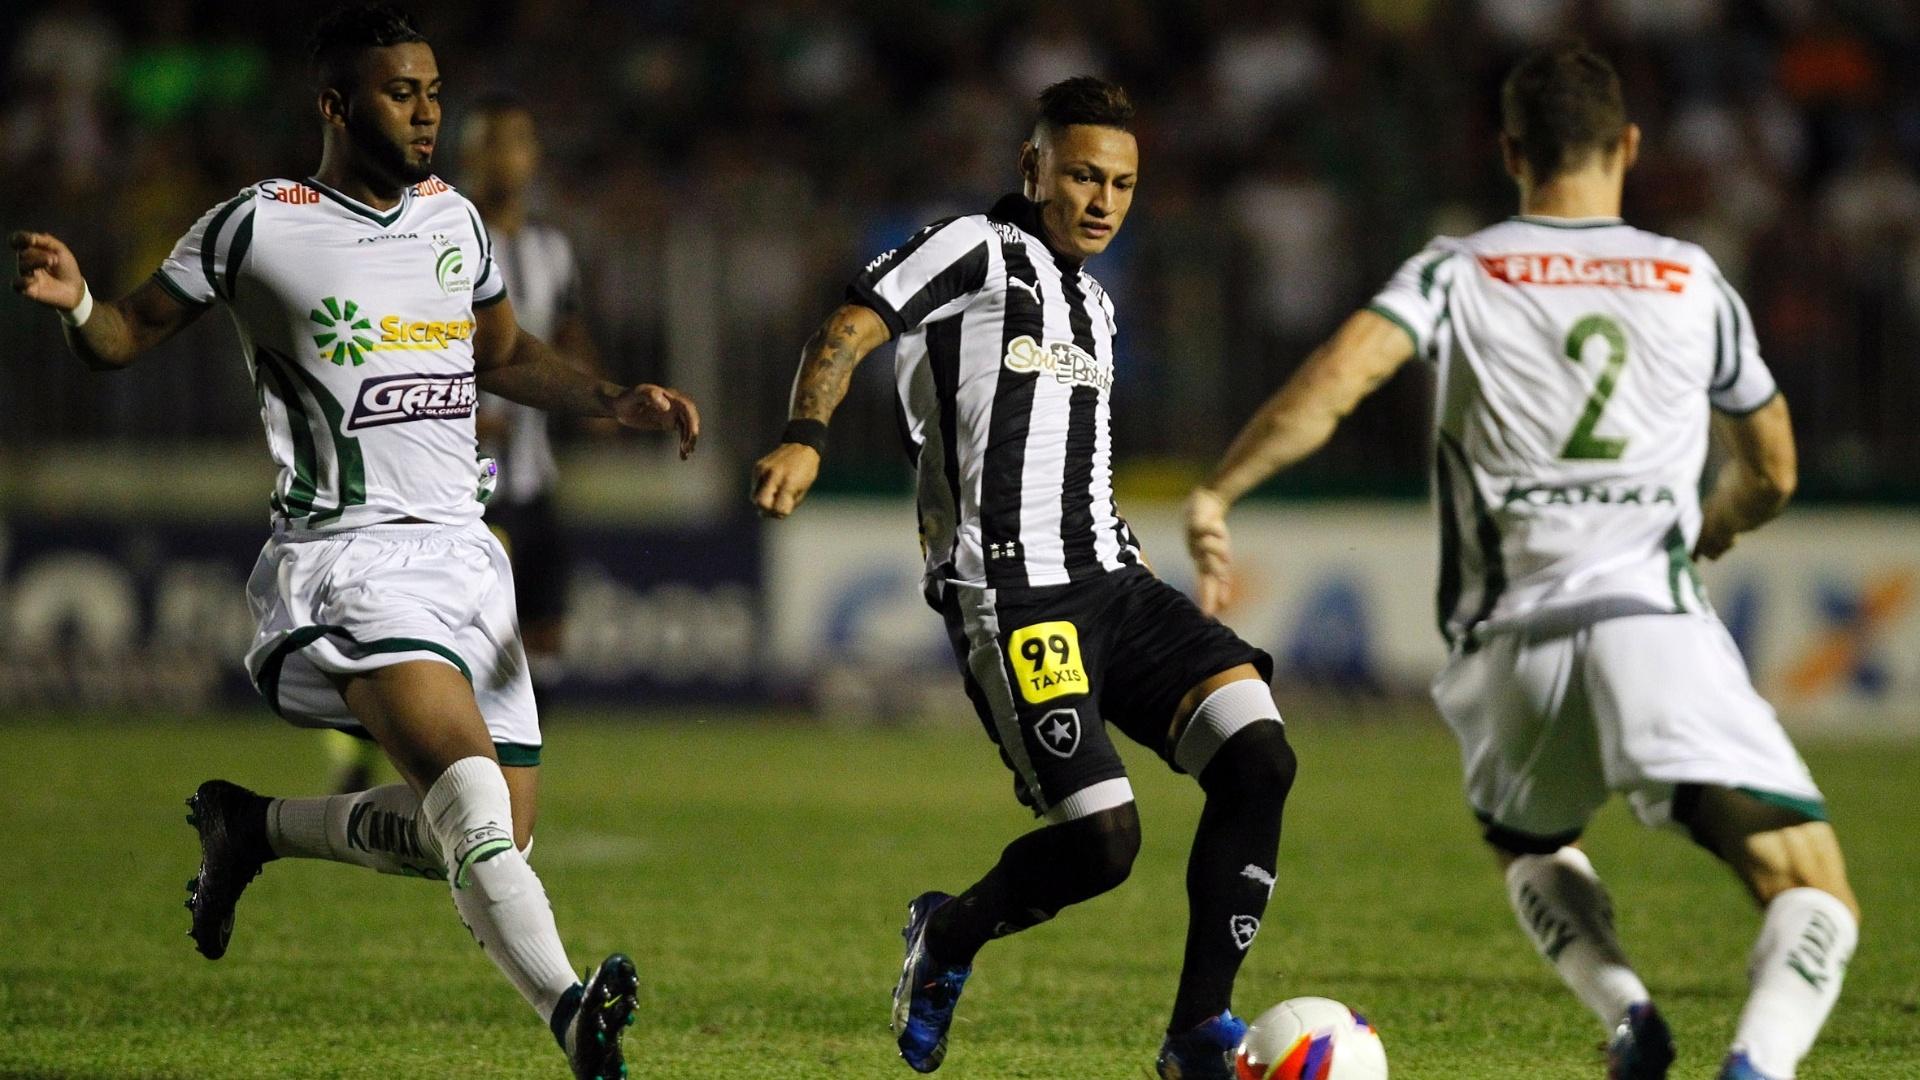 Neilton tenta armar jogada para o Botafogo contra o Luverdense pela Série B do Campeonato Brasileiro